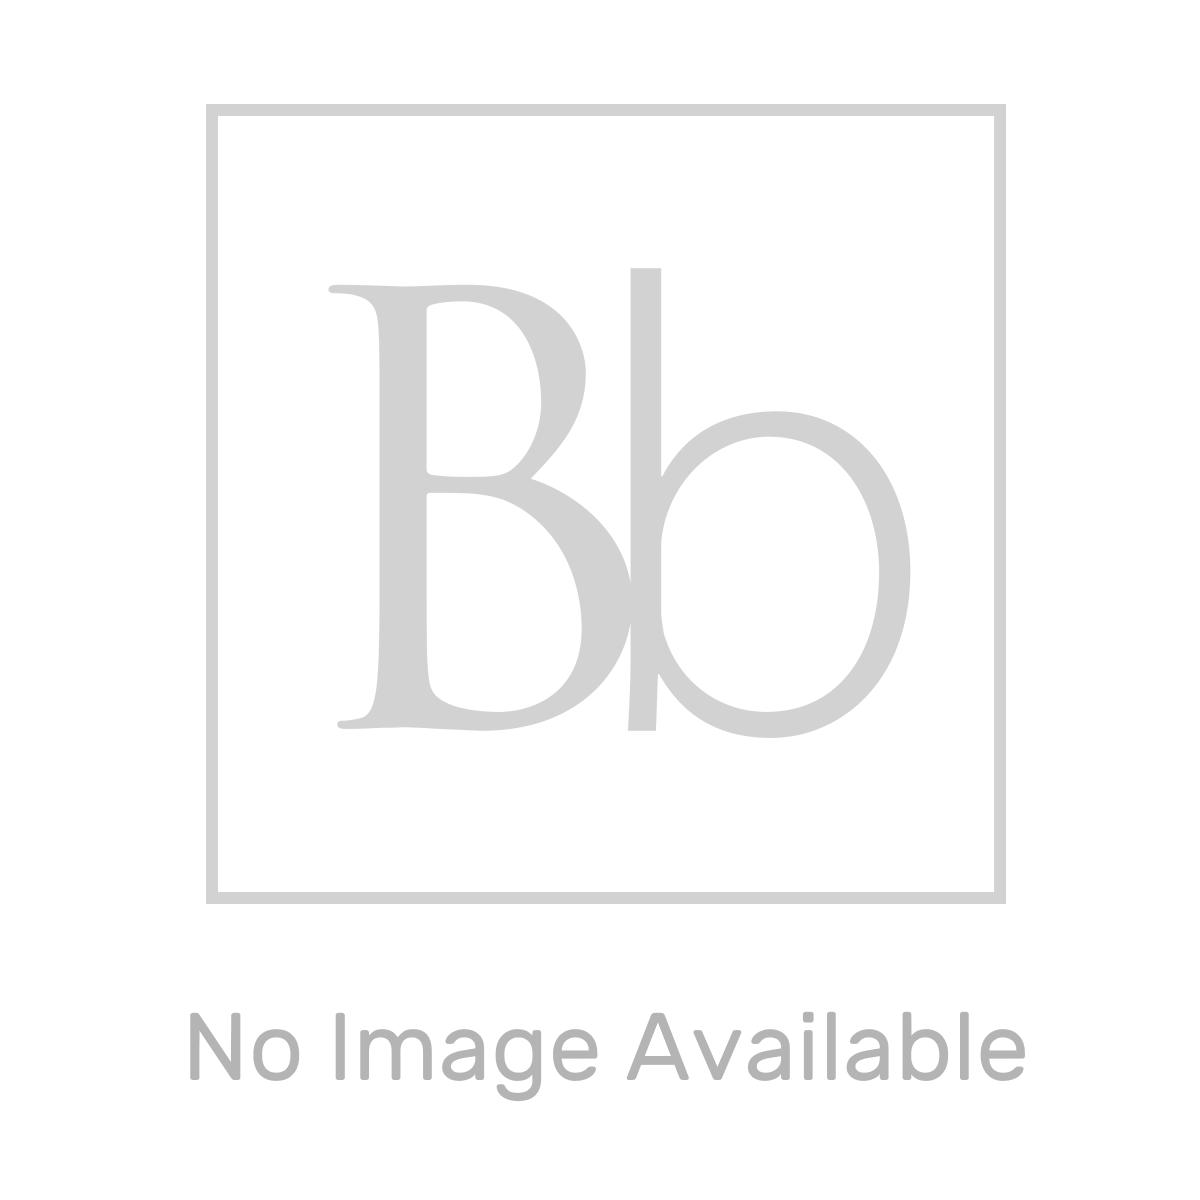 RAK Surface Sand Matt Tile 1200 x 2600mm